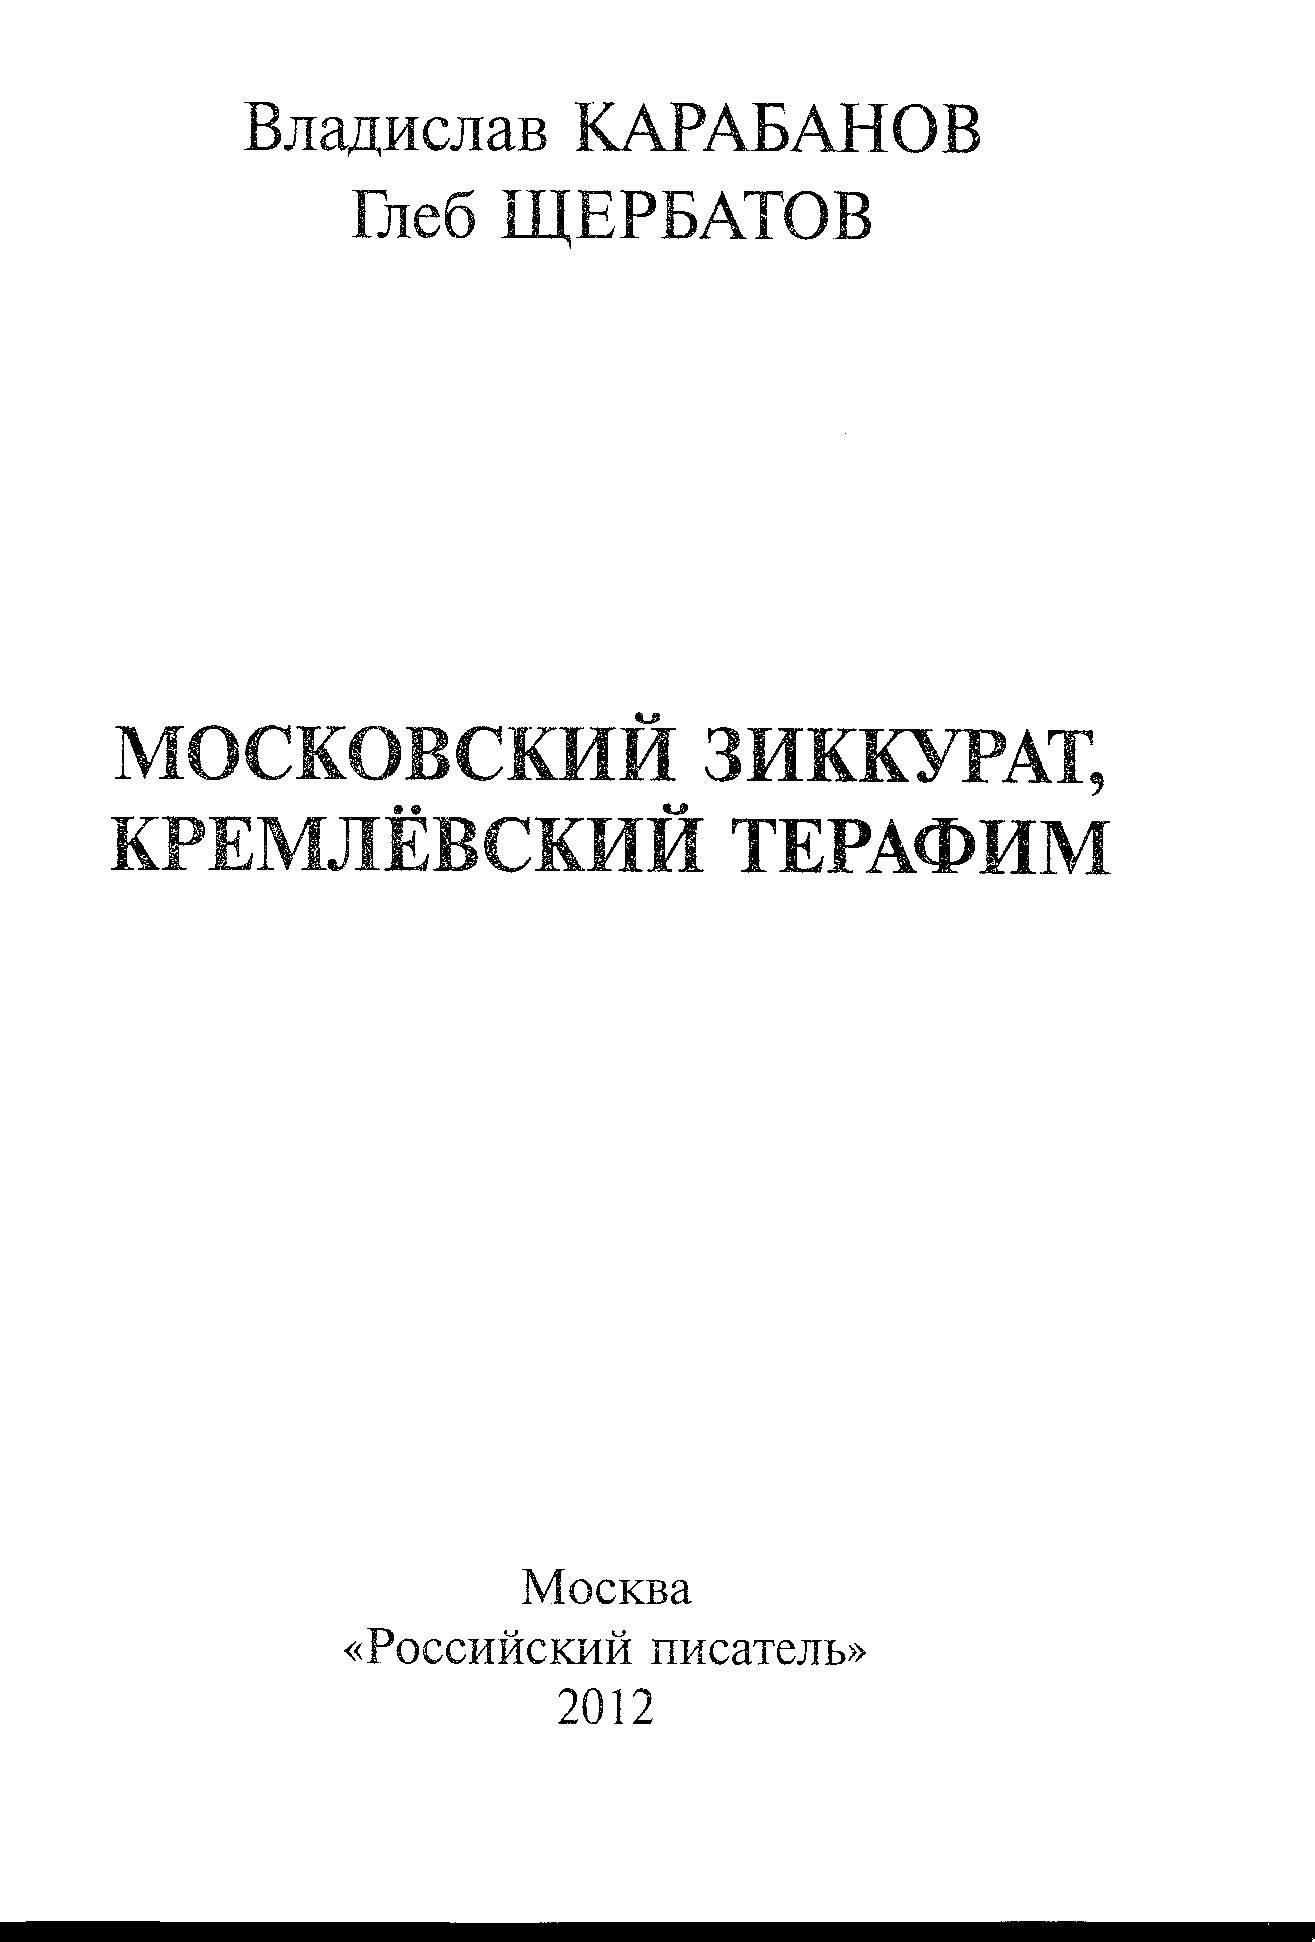 Московский зиккурат, кремлевский терафим